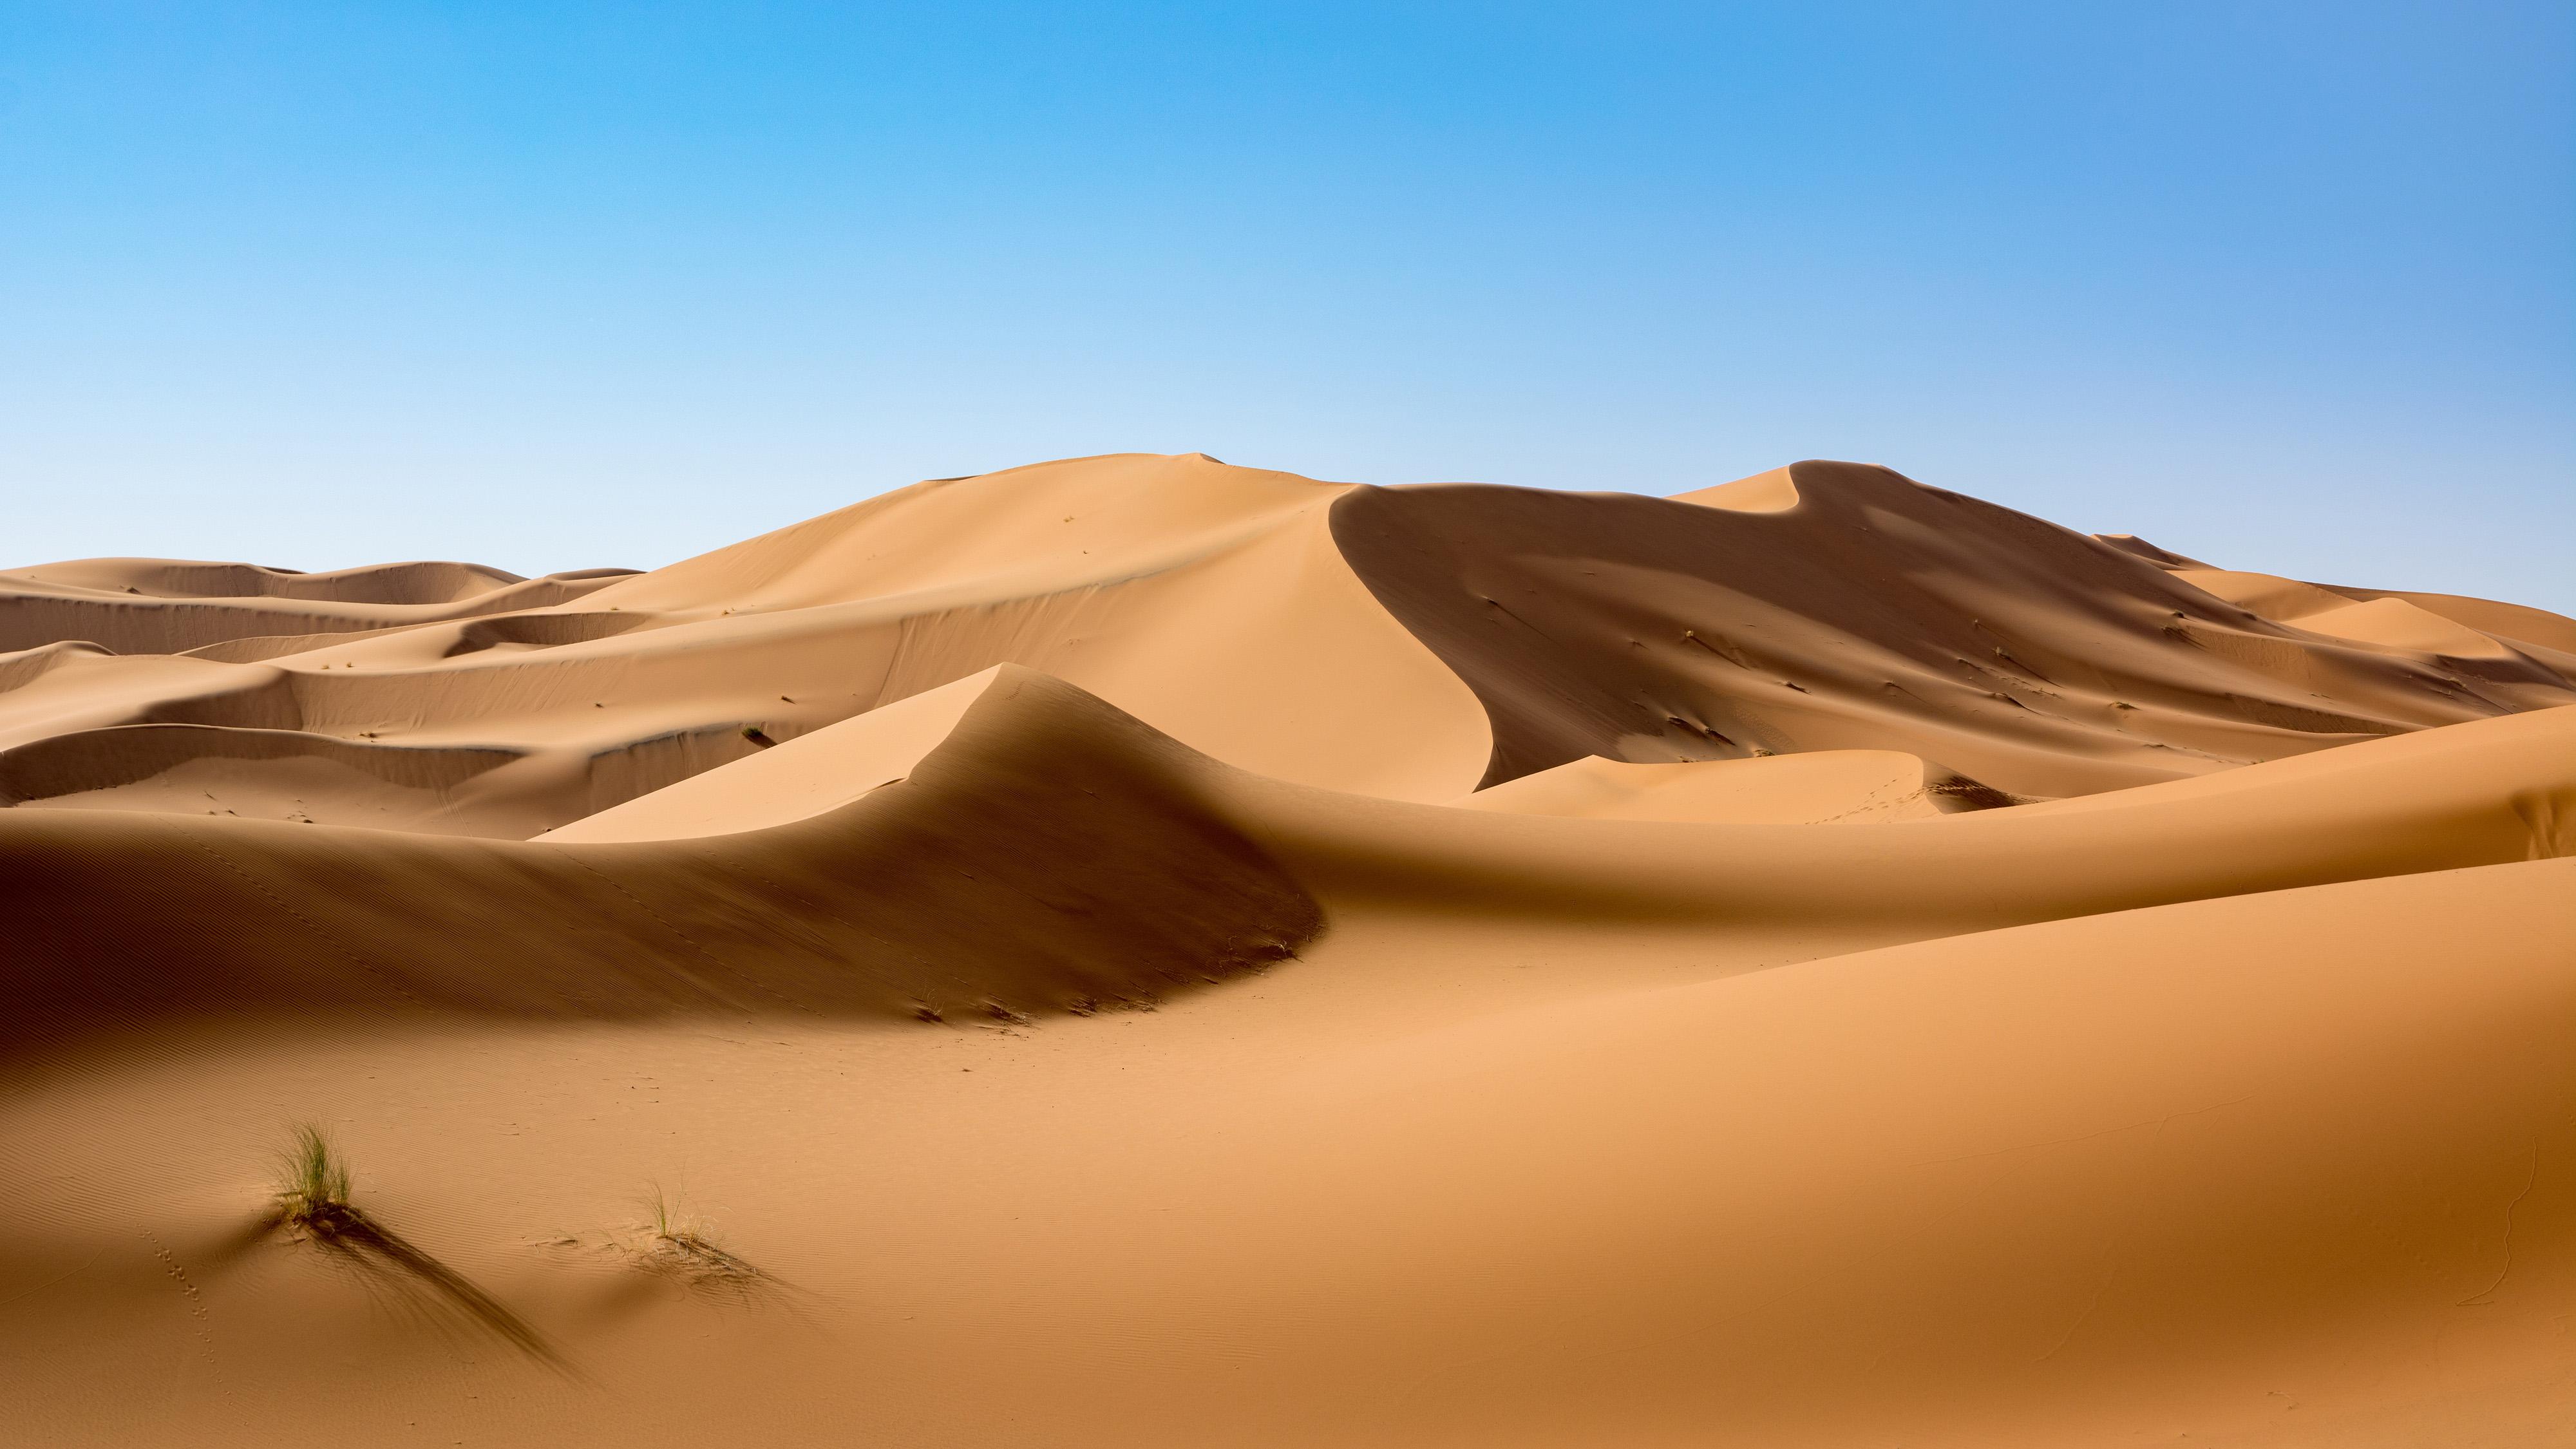 كثبان عرق الشبي في الصحراء الكبرى